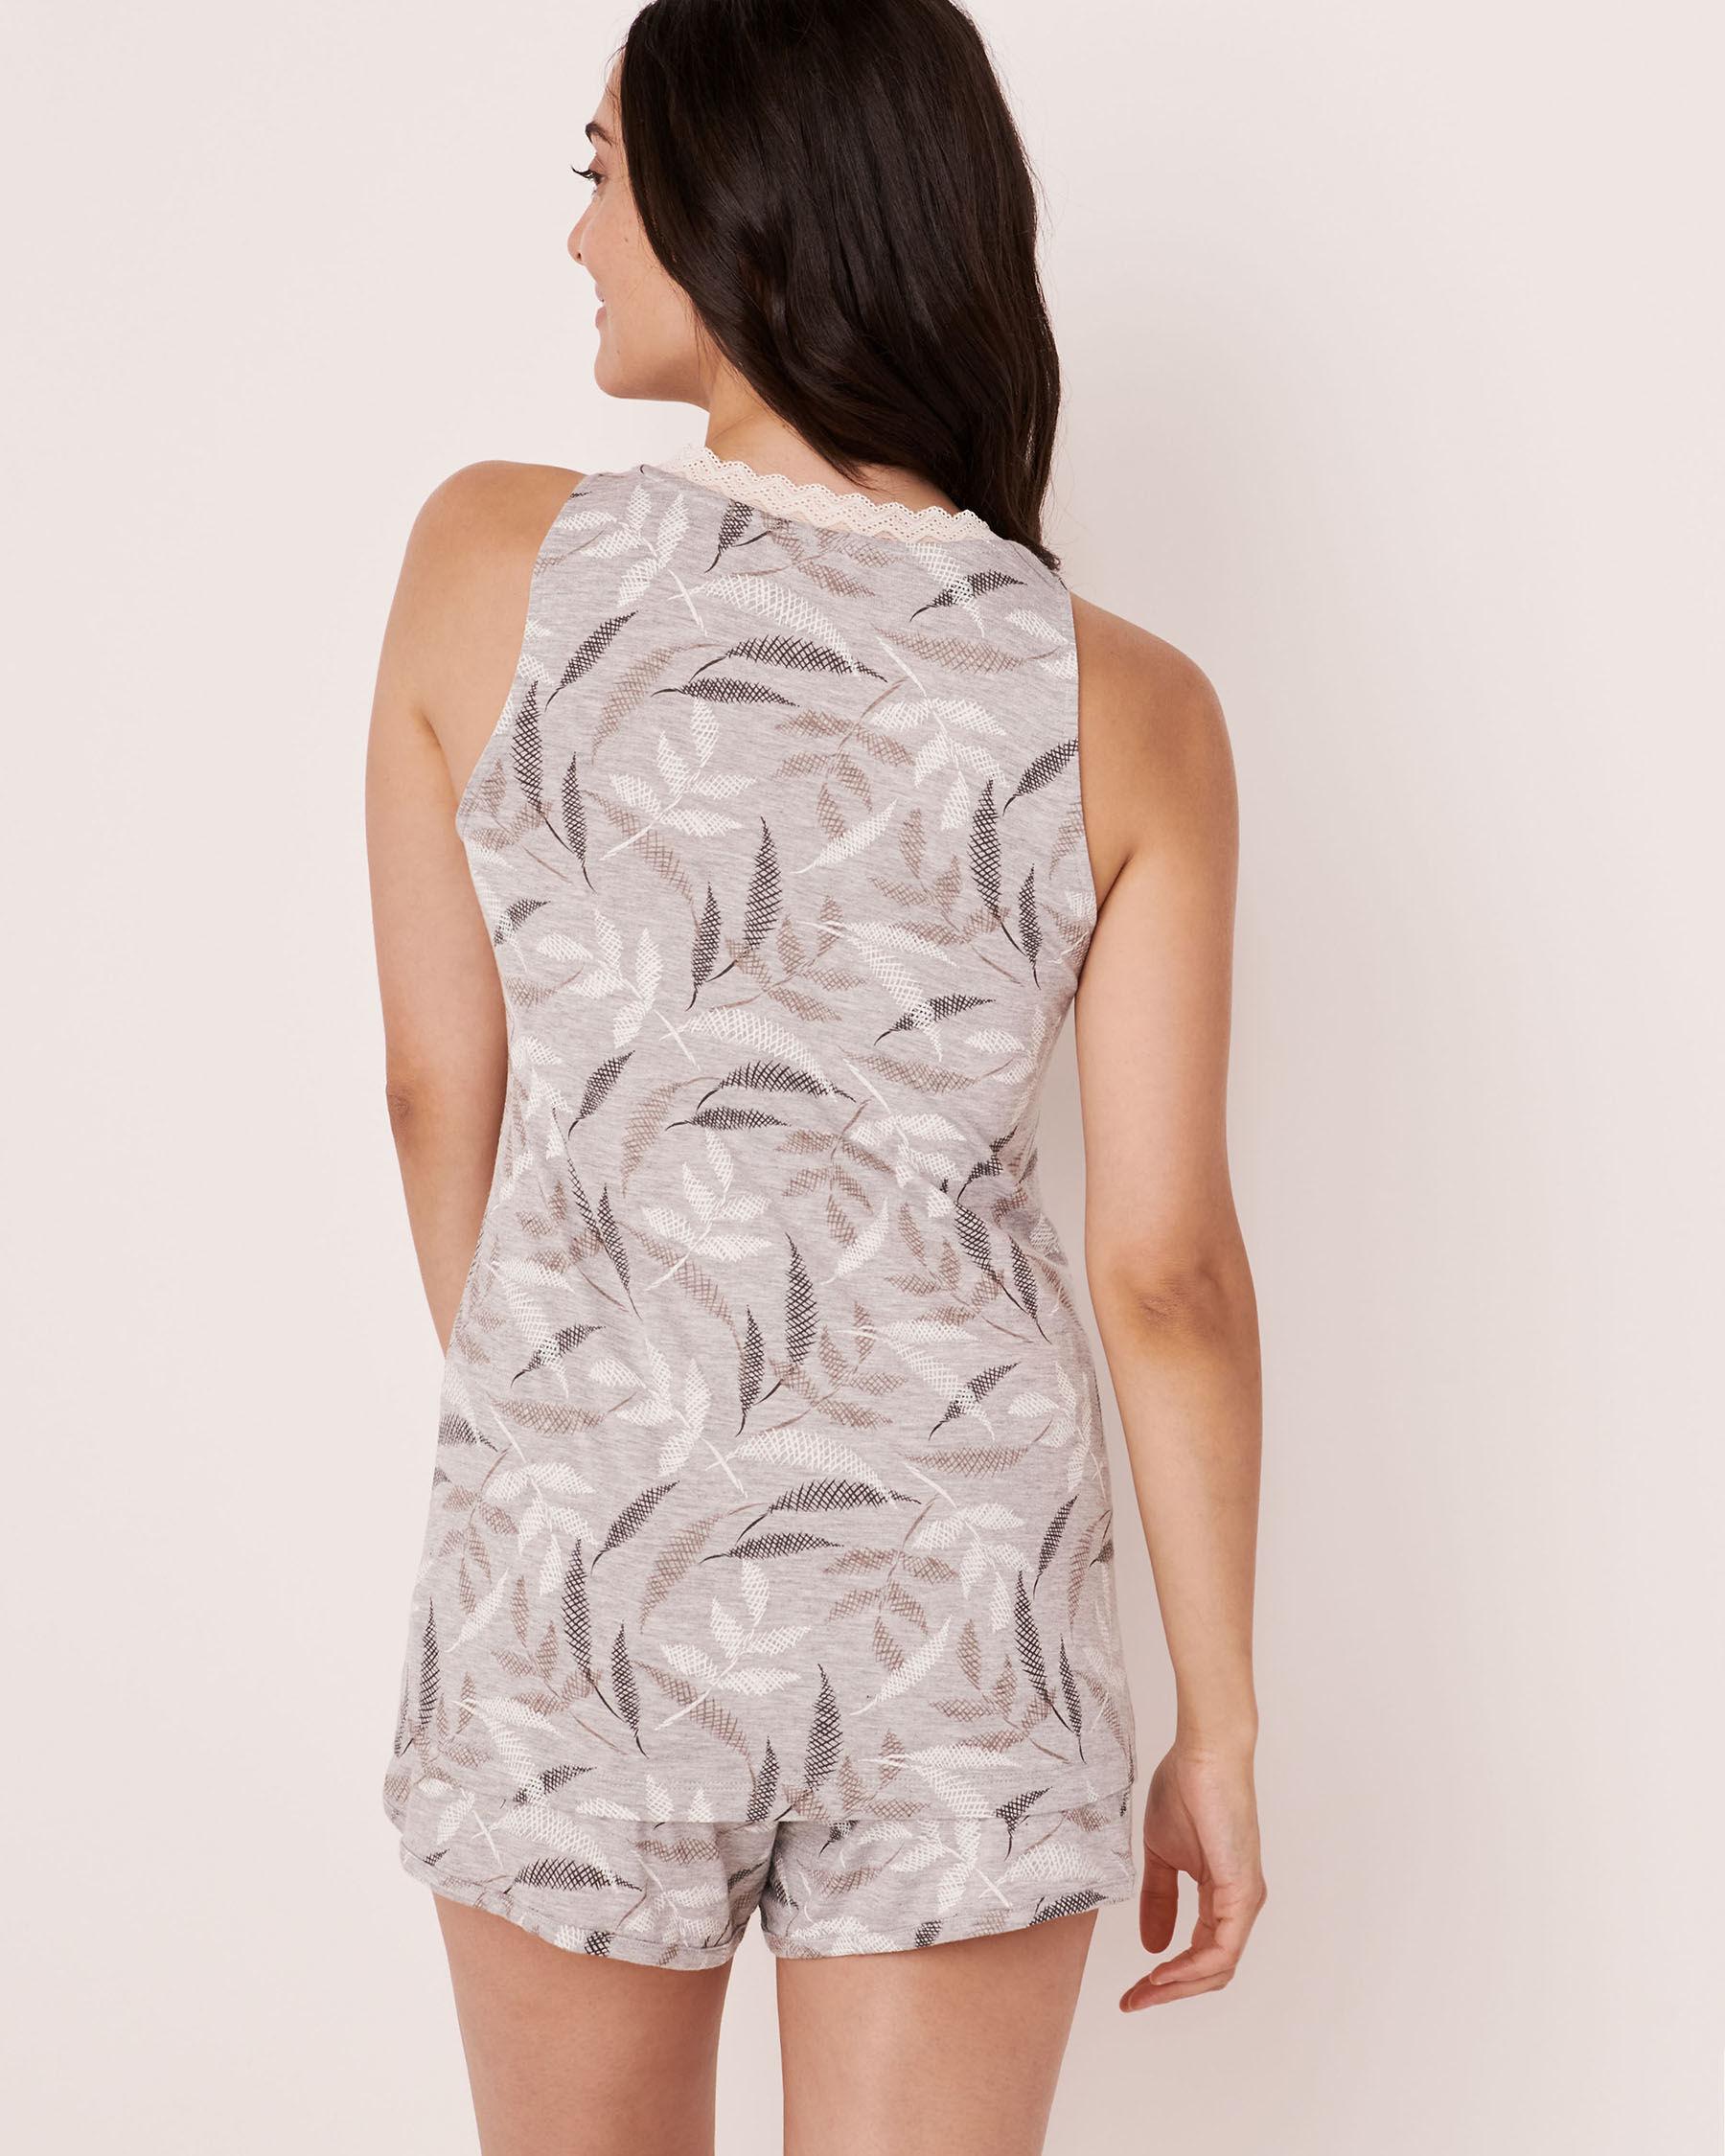 LA VIE EN ROSE Camisole encolure en V garniture de dentelle Feuilles abstraites 40100175 - Voir2